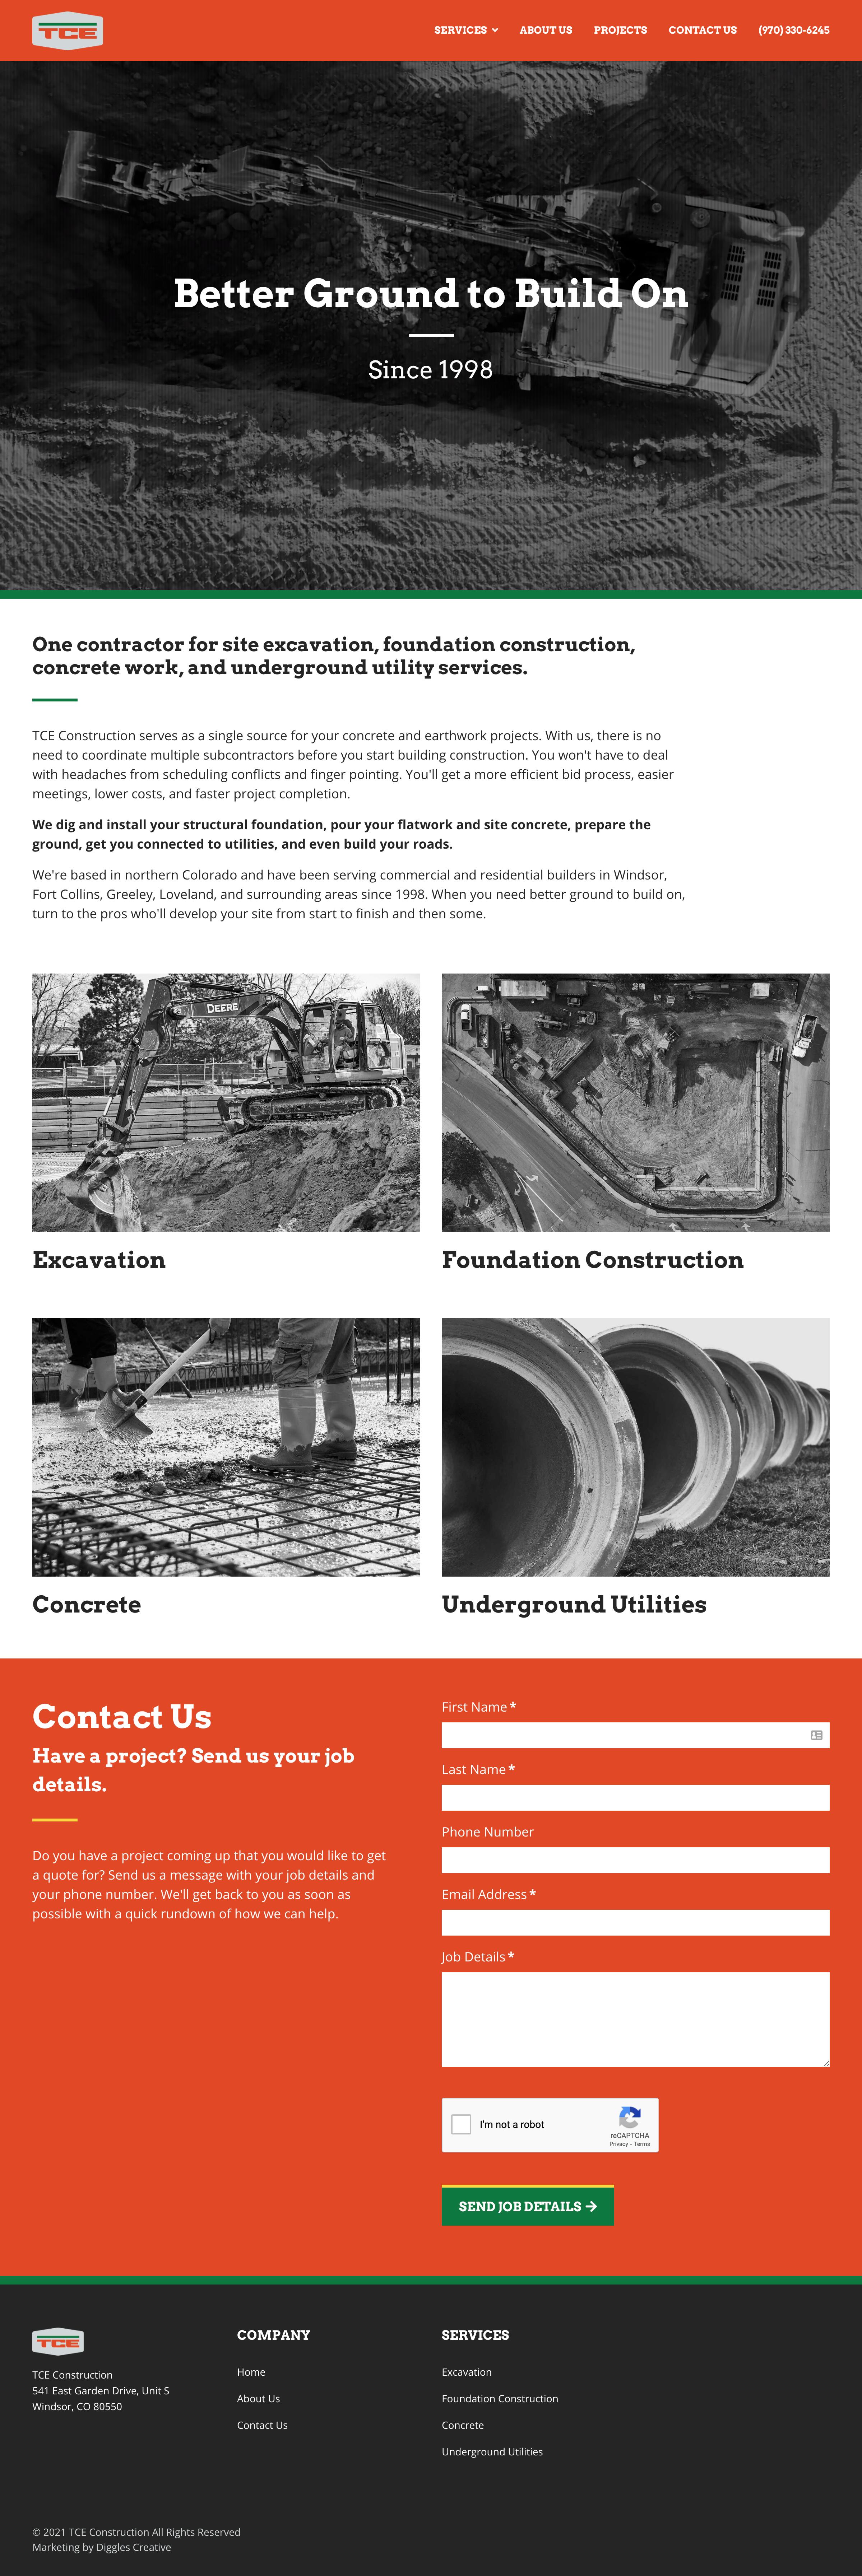 TCE Construction - Construction Website Design